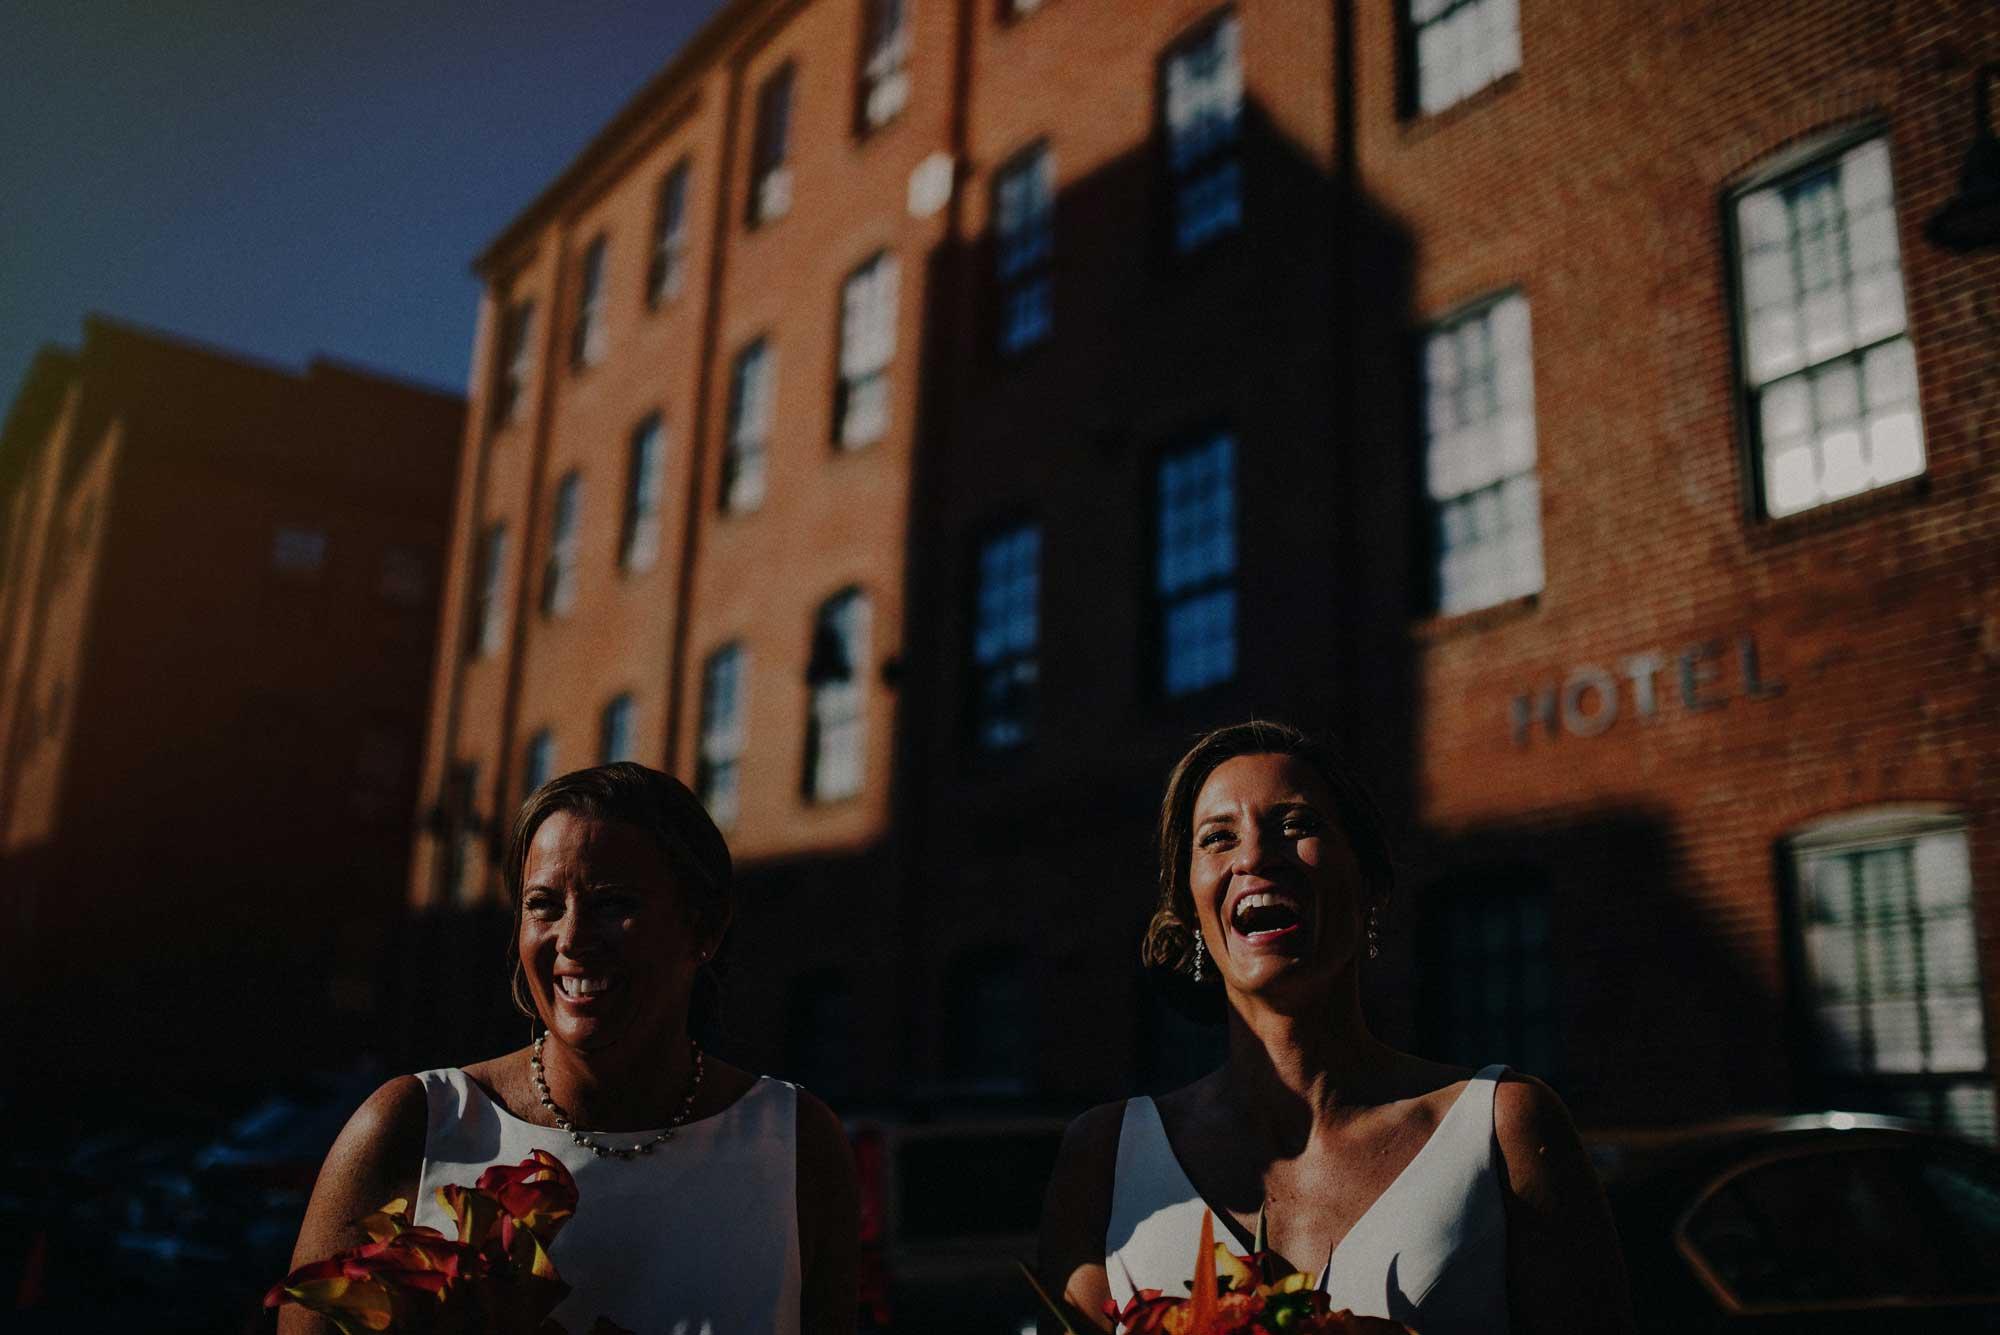 lesbian wedding happy couple smiling